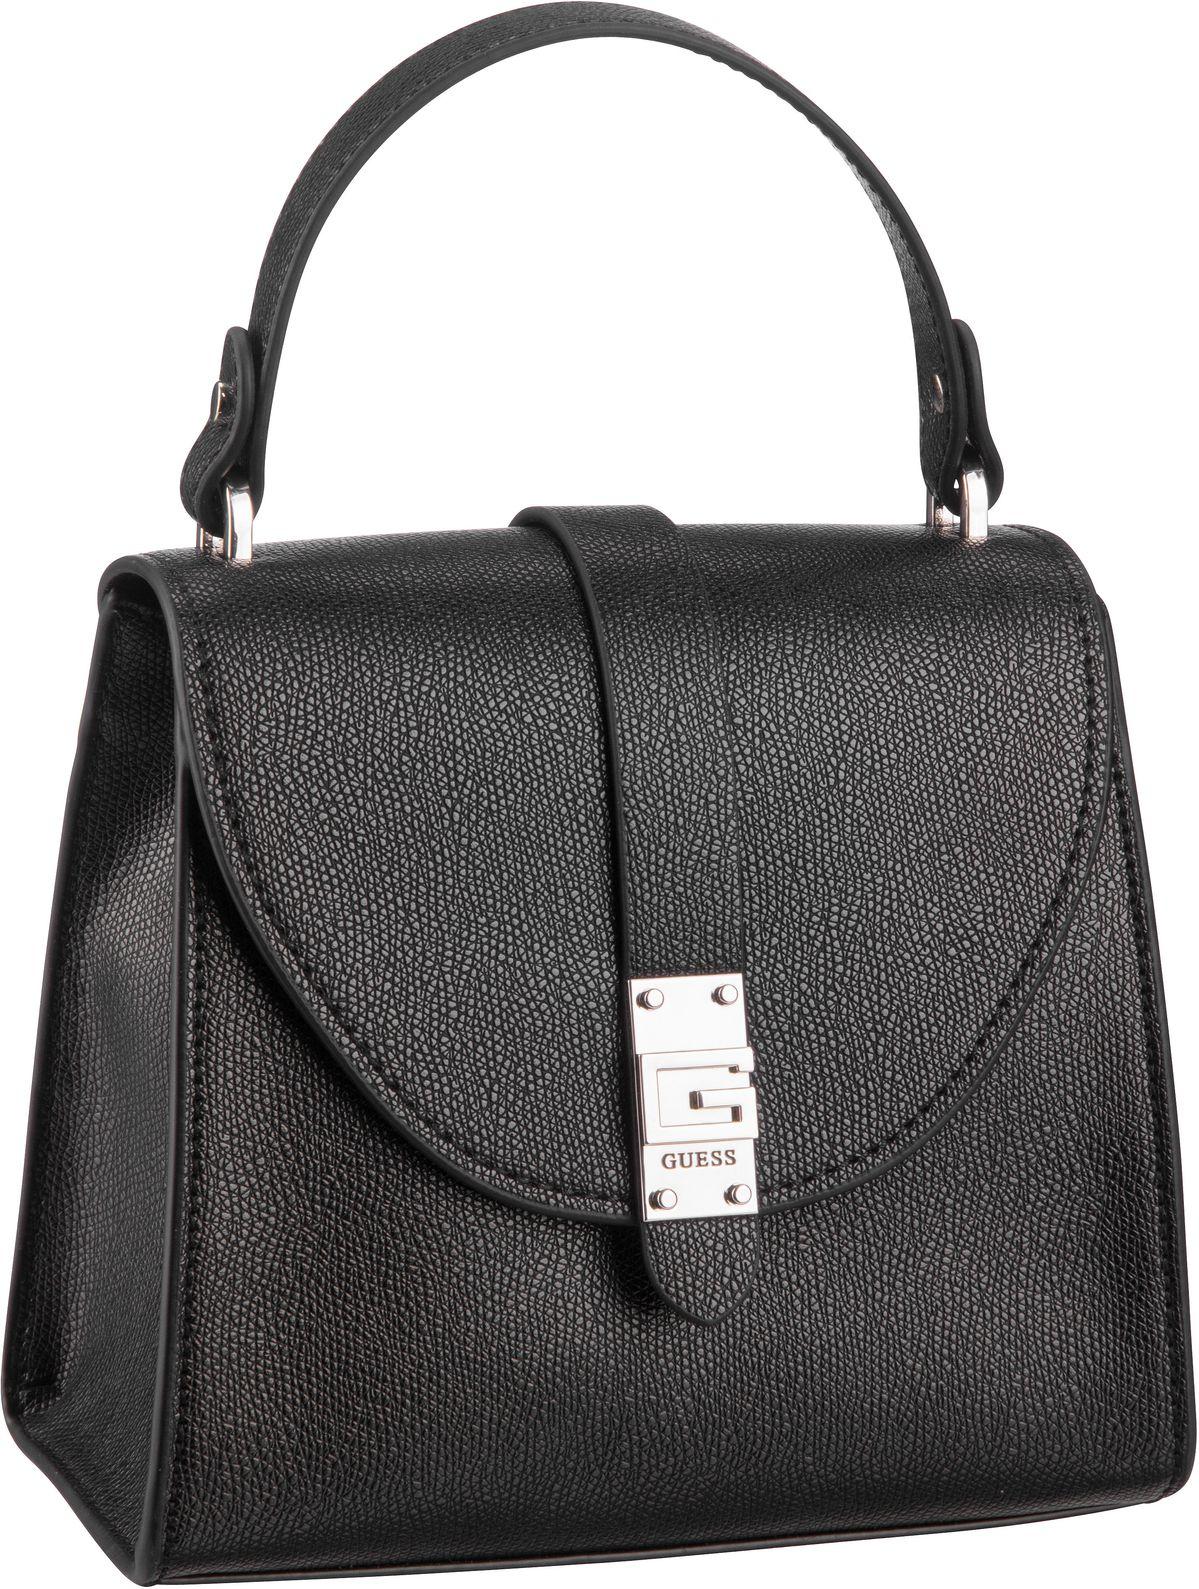 Handtasche Nerea Top Handle Flap Black